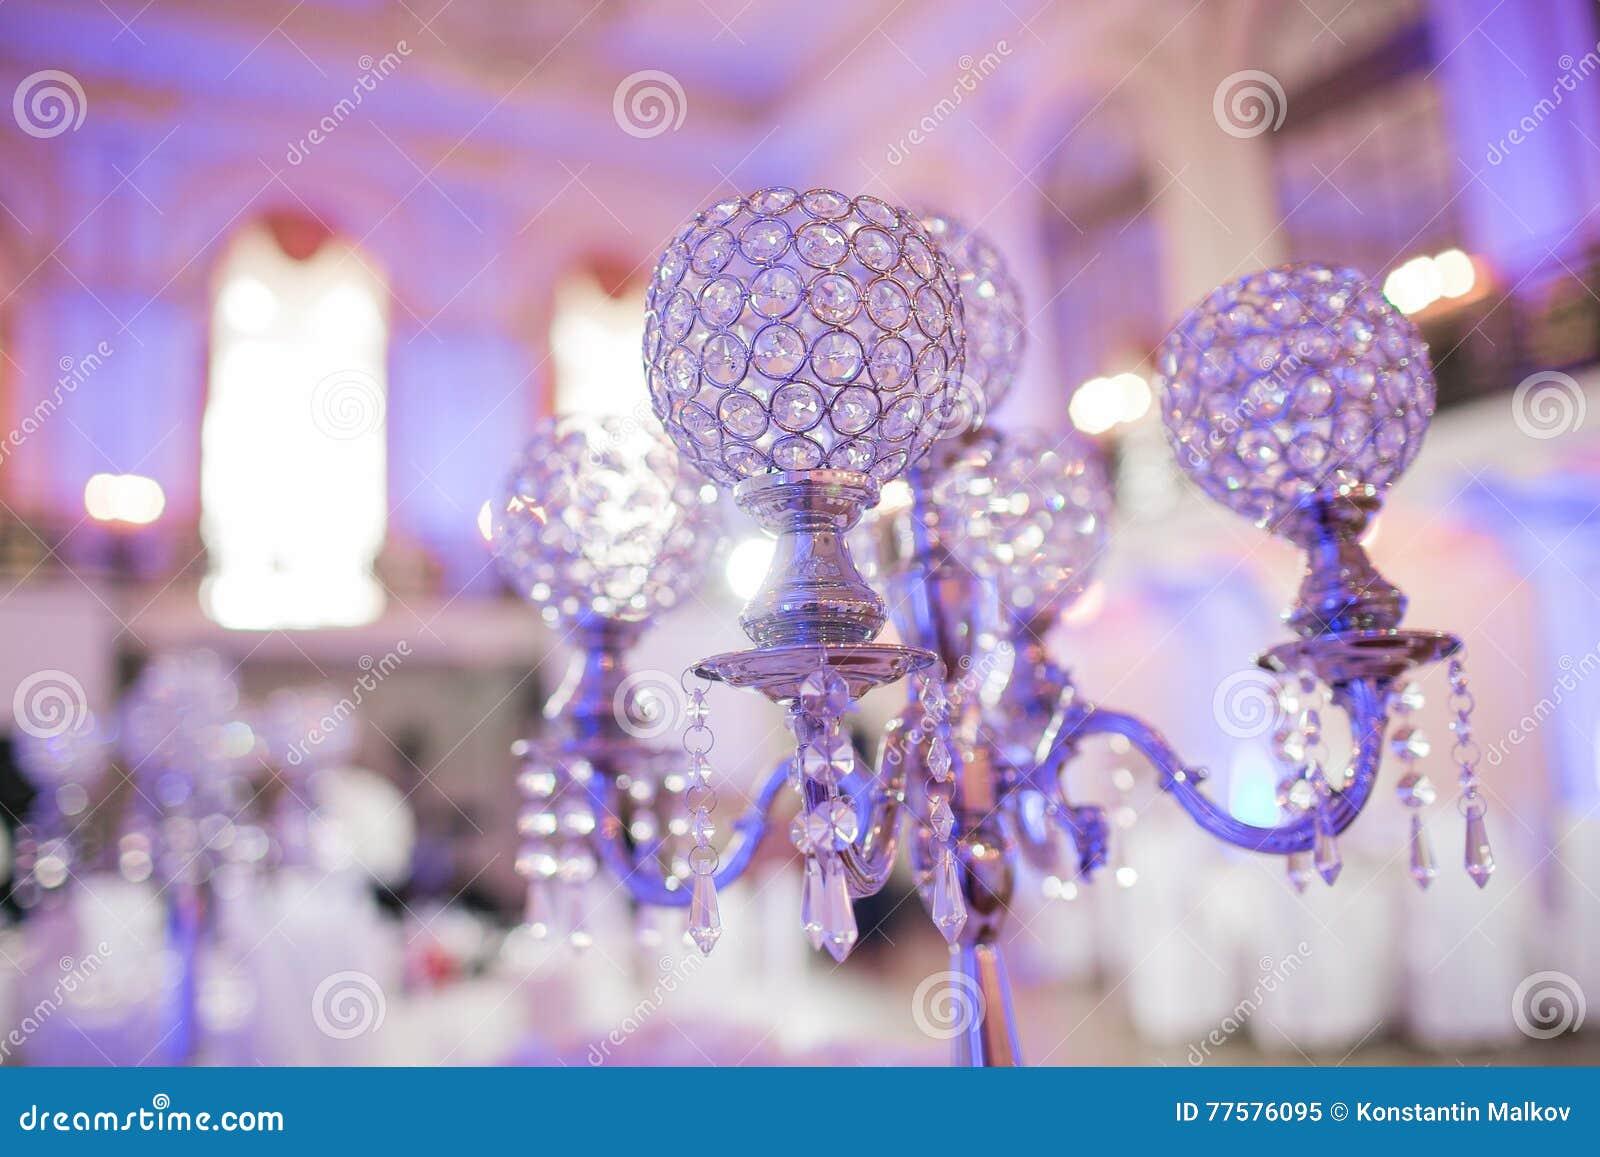 De mooie decoratie van de restaurant binnenlandse lijst voor huwelijk Bloem Witte orchideeën in vazen luxekaarsenhouders